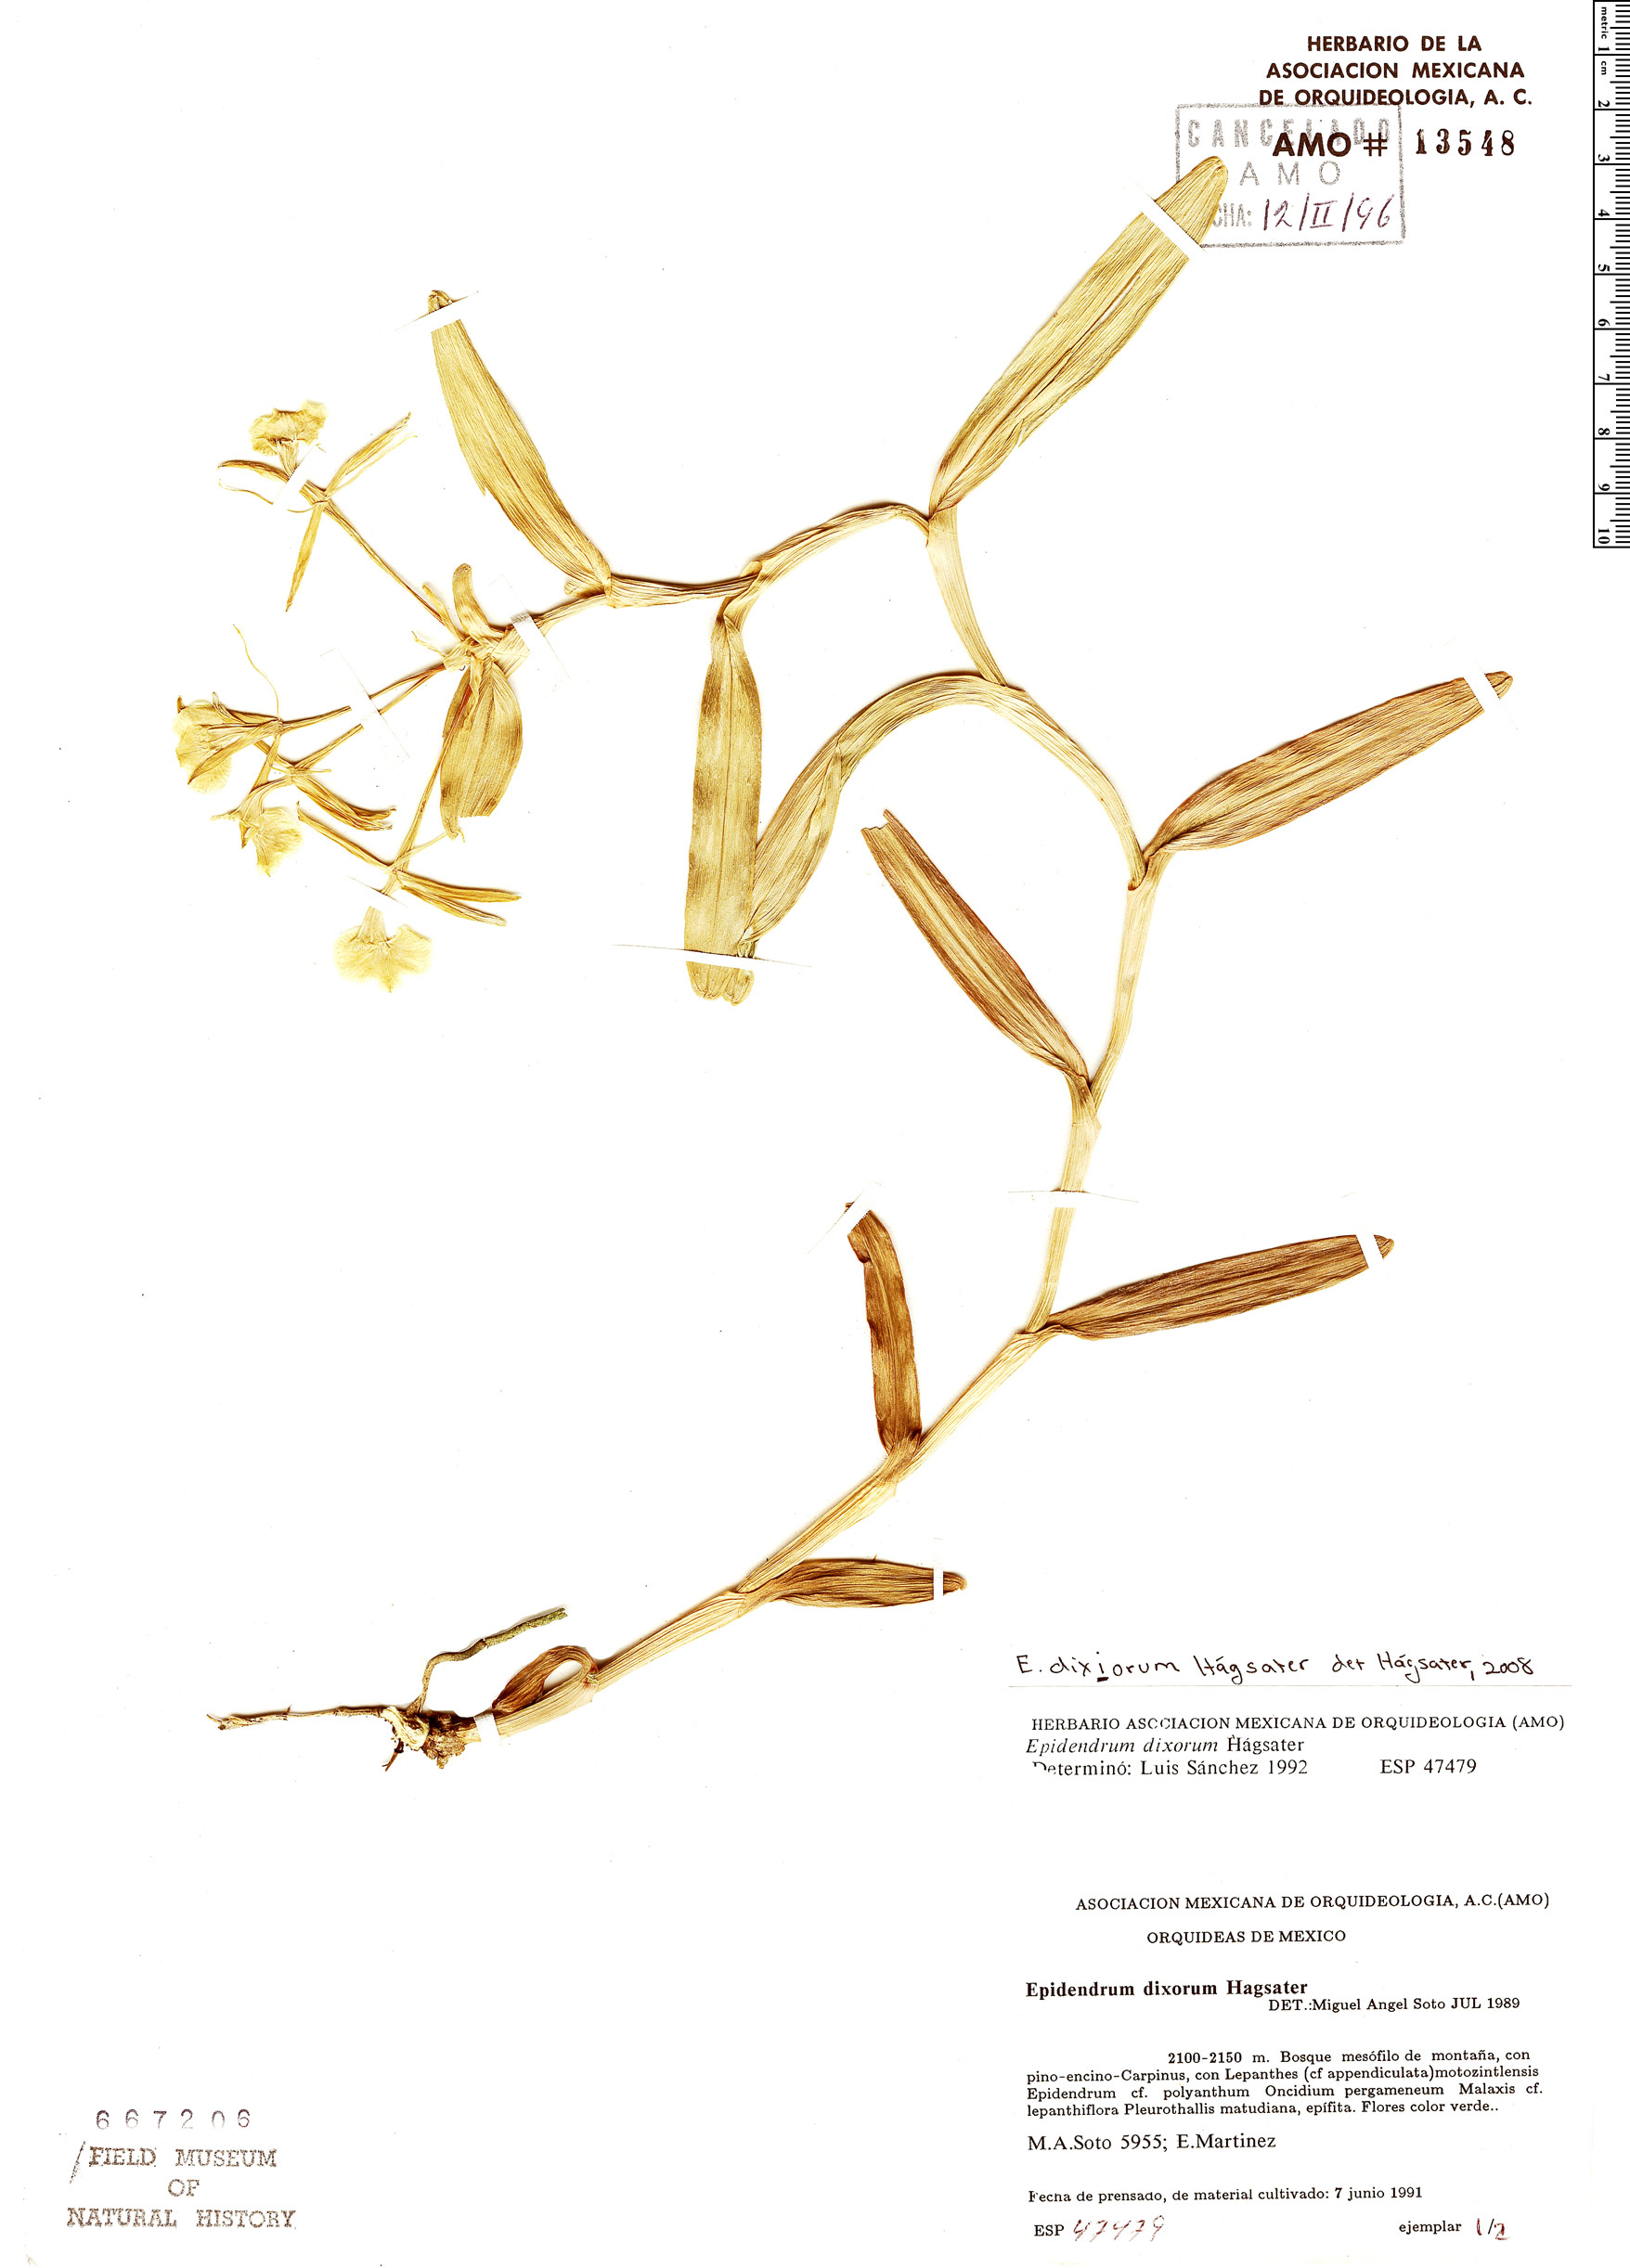 Specimen: Epidendrum dixiorum